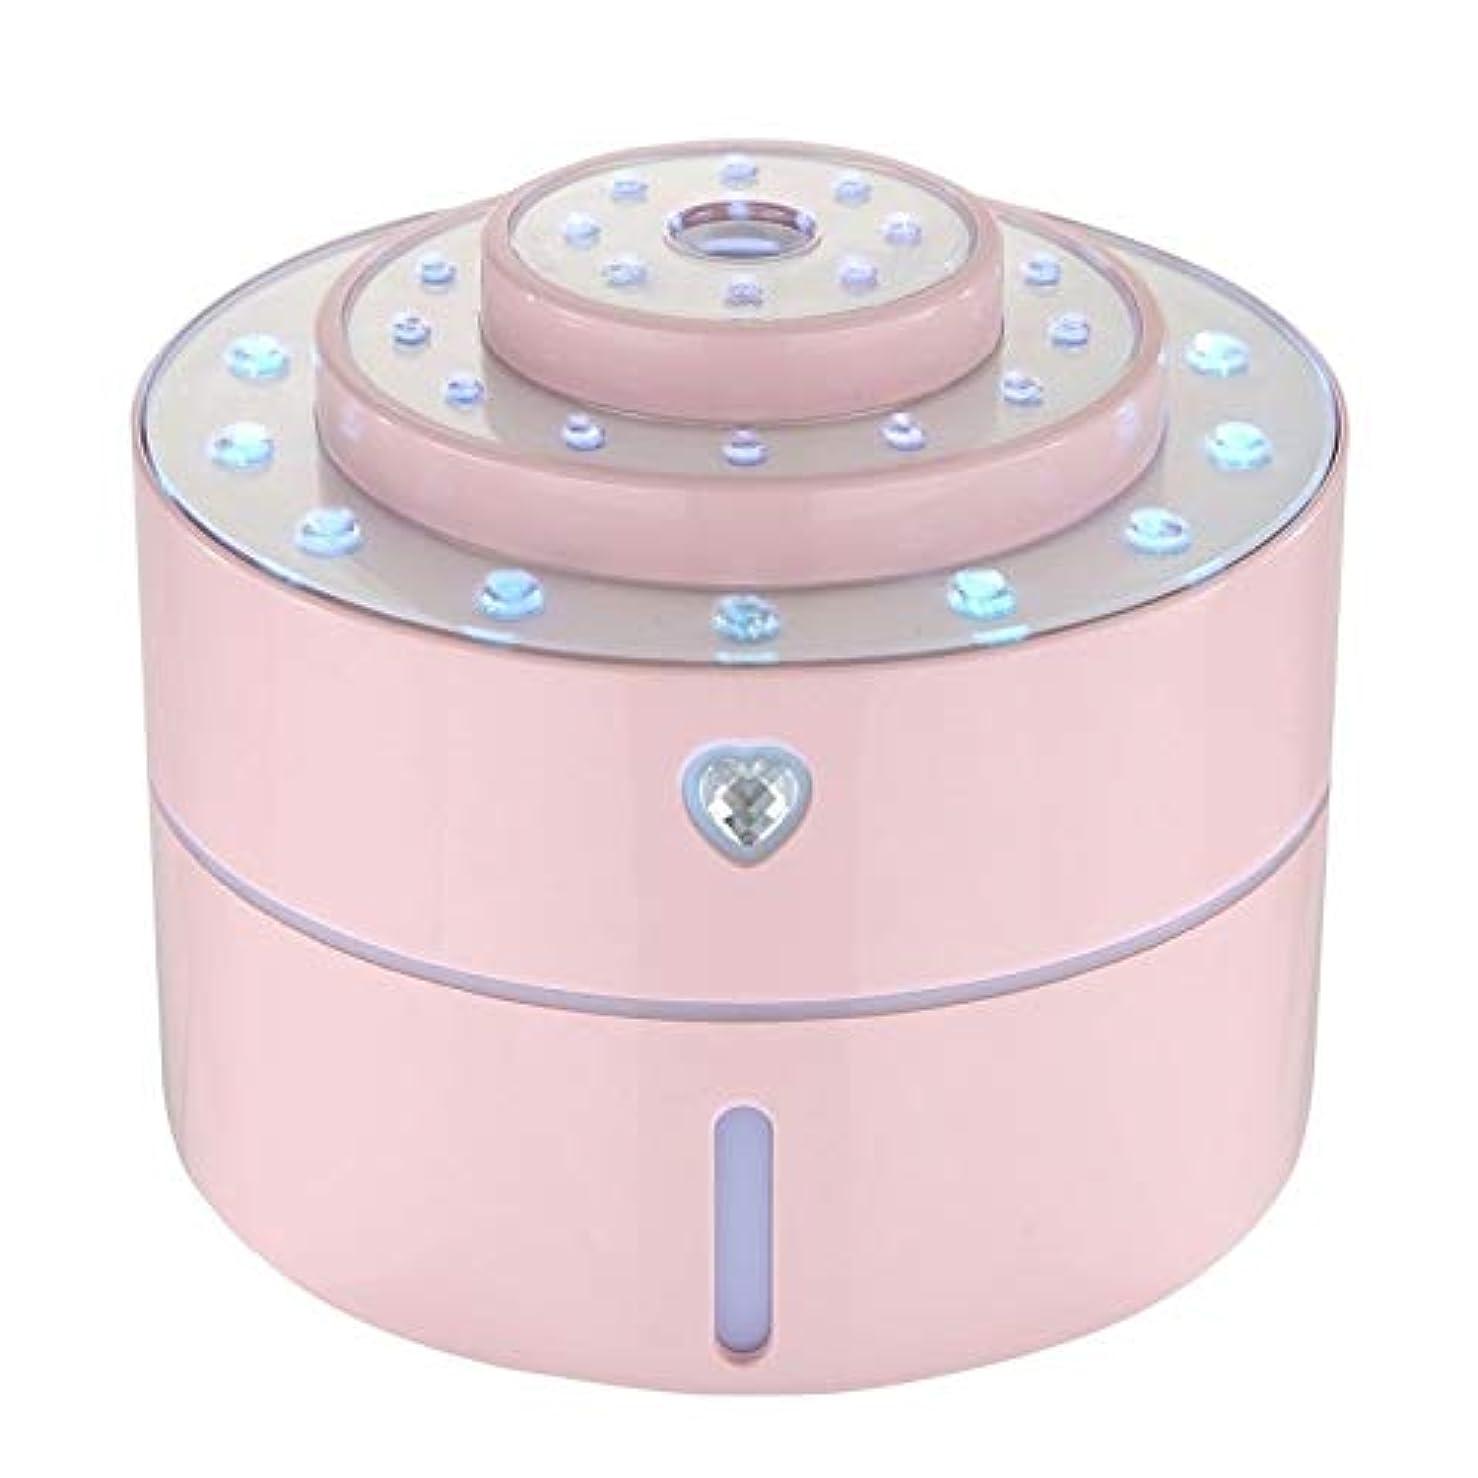 前提条件ビール自分の力ですべてをするAngelay-Tian エッセンシャルオイルディフューザー、ホーム、ヨガ、オフィス、スパ、ベッドルーム用ミスト加湿器Humidifier-クール (Color : Pink)